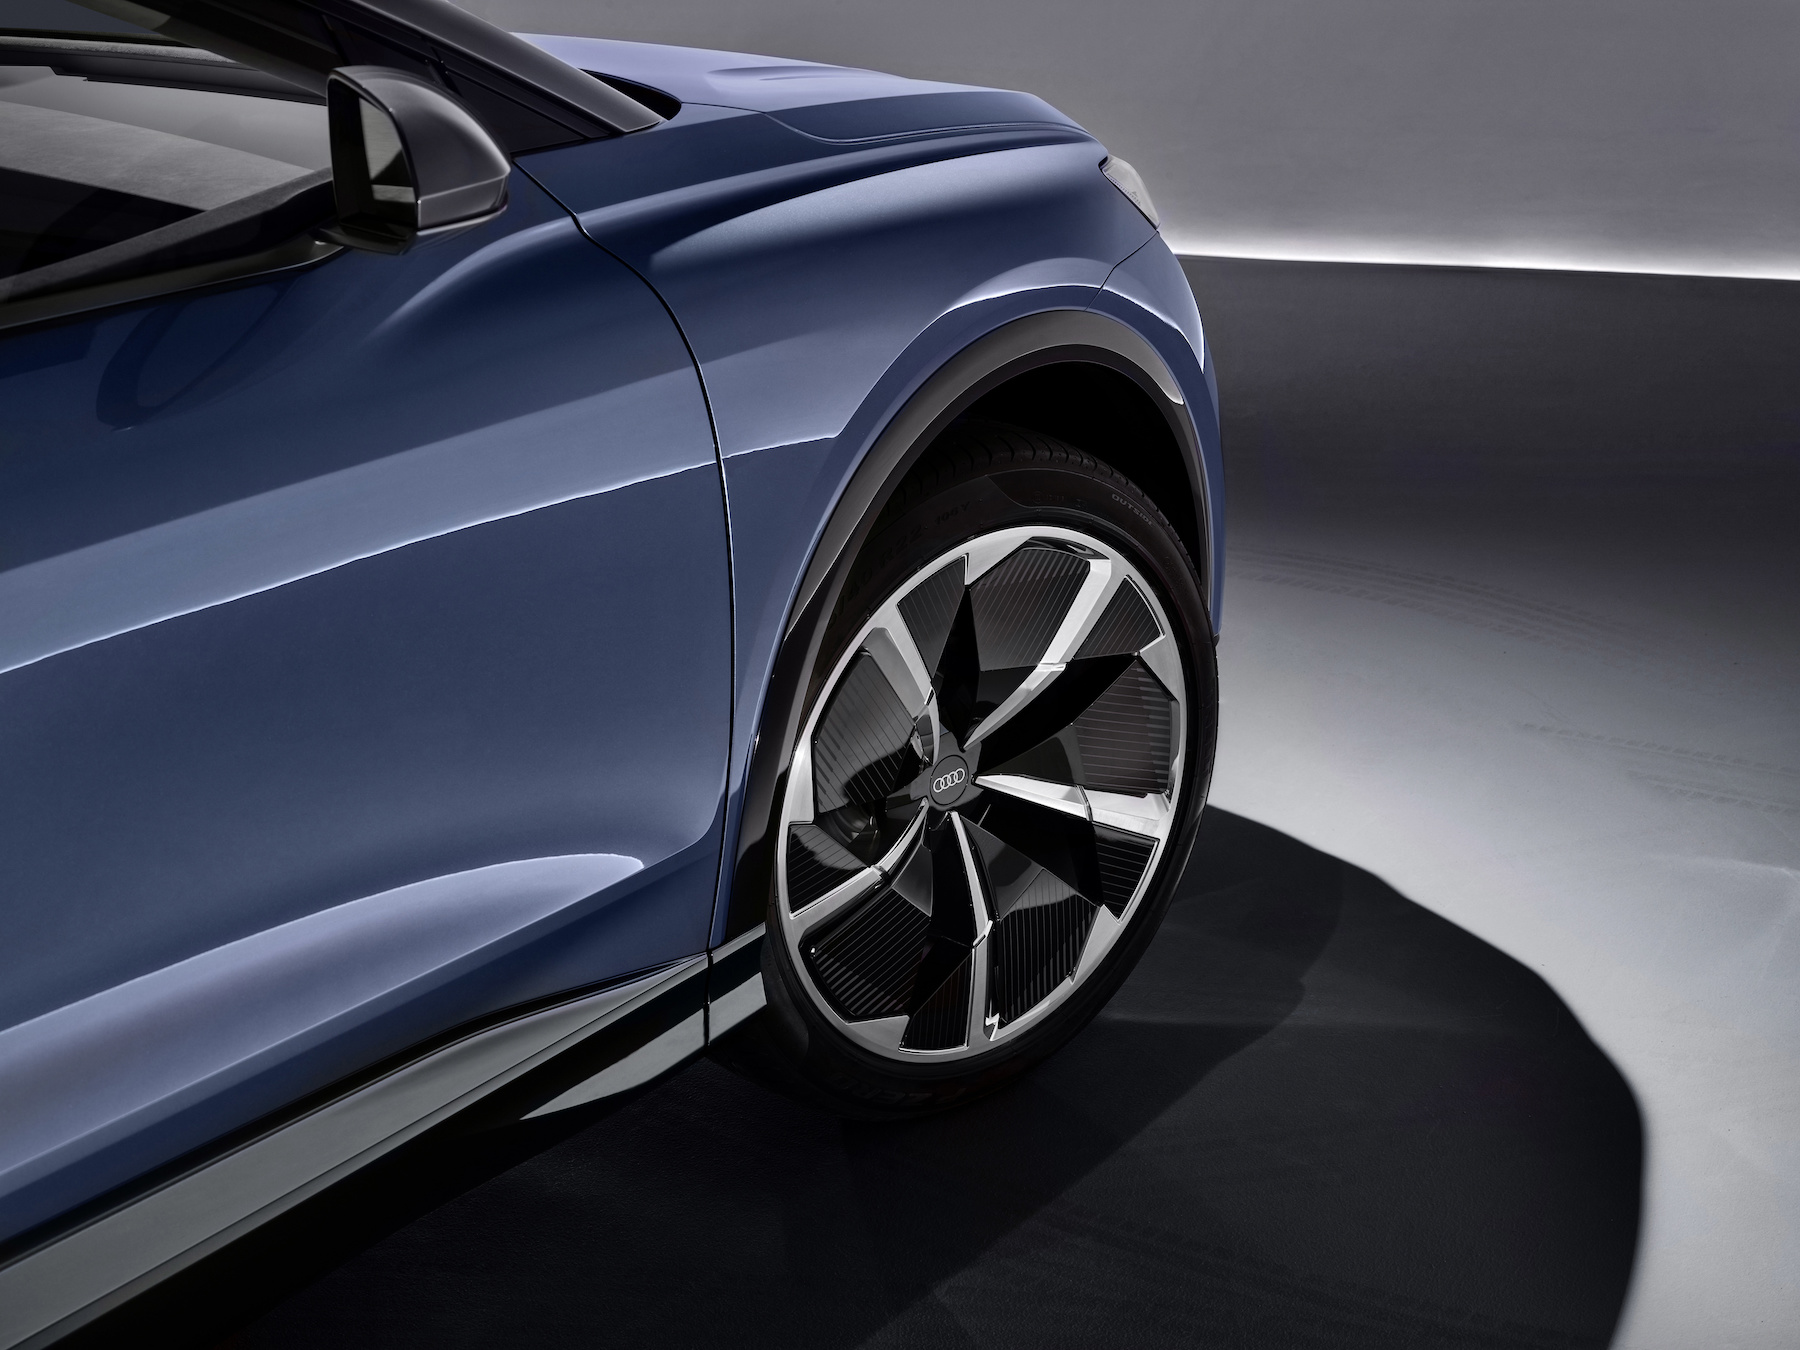 Weil der Batterie-Block unter der Passagierzelle verbaut ist, hat der Audi Q4 e-tron concept einen tiefen Schwerpunkt ähnlich wie bei einer Limousine. (AUDI)